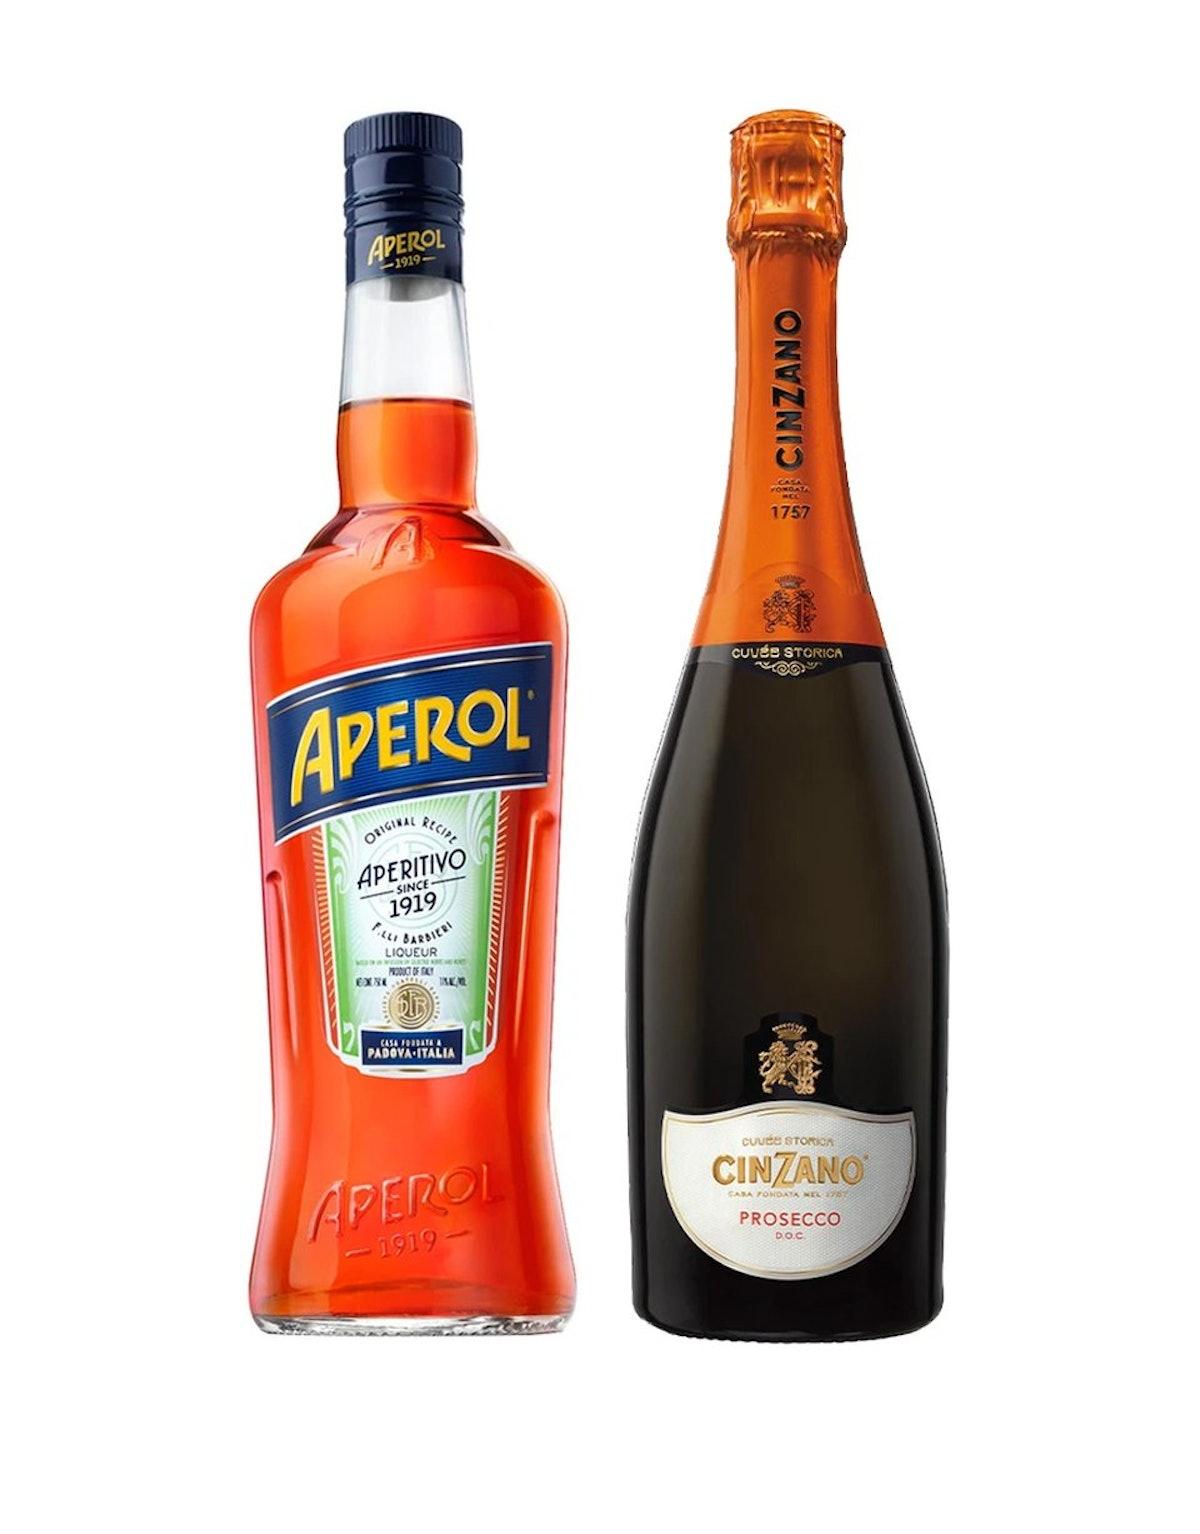 Aperol and Cinzano Gift Set